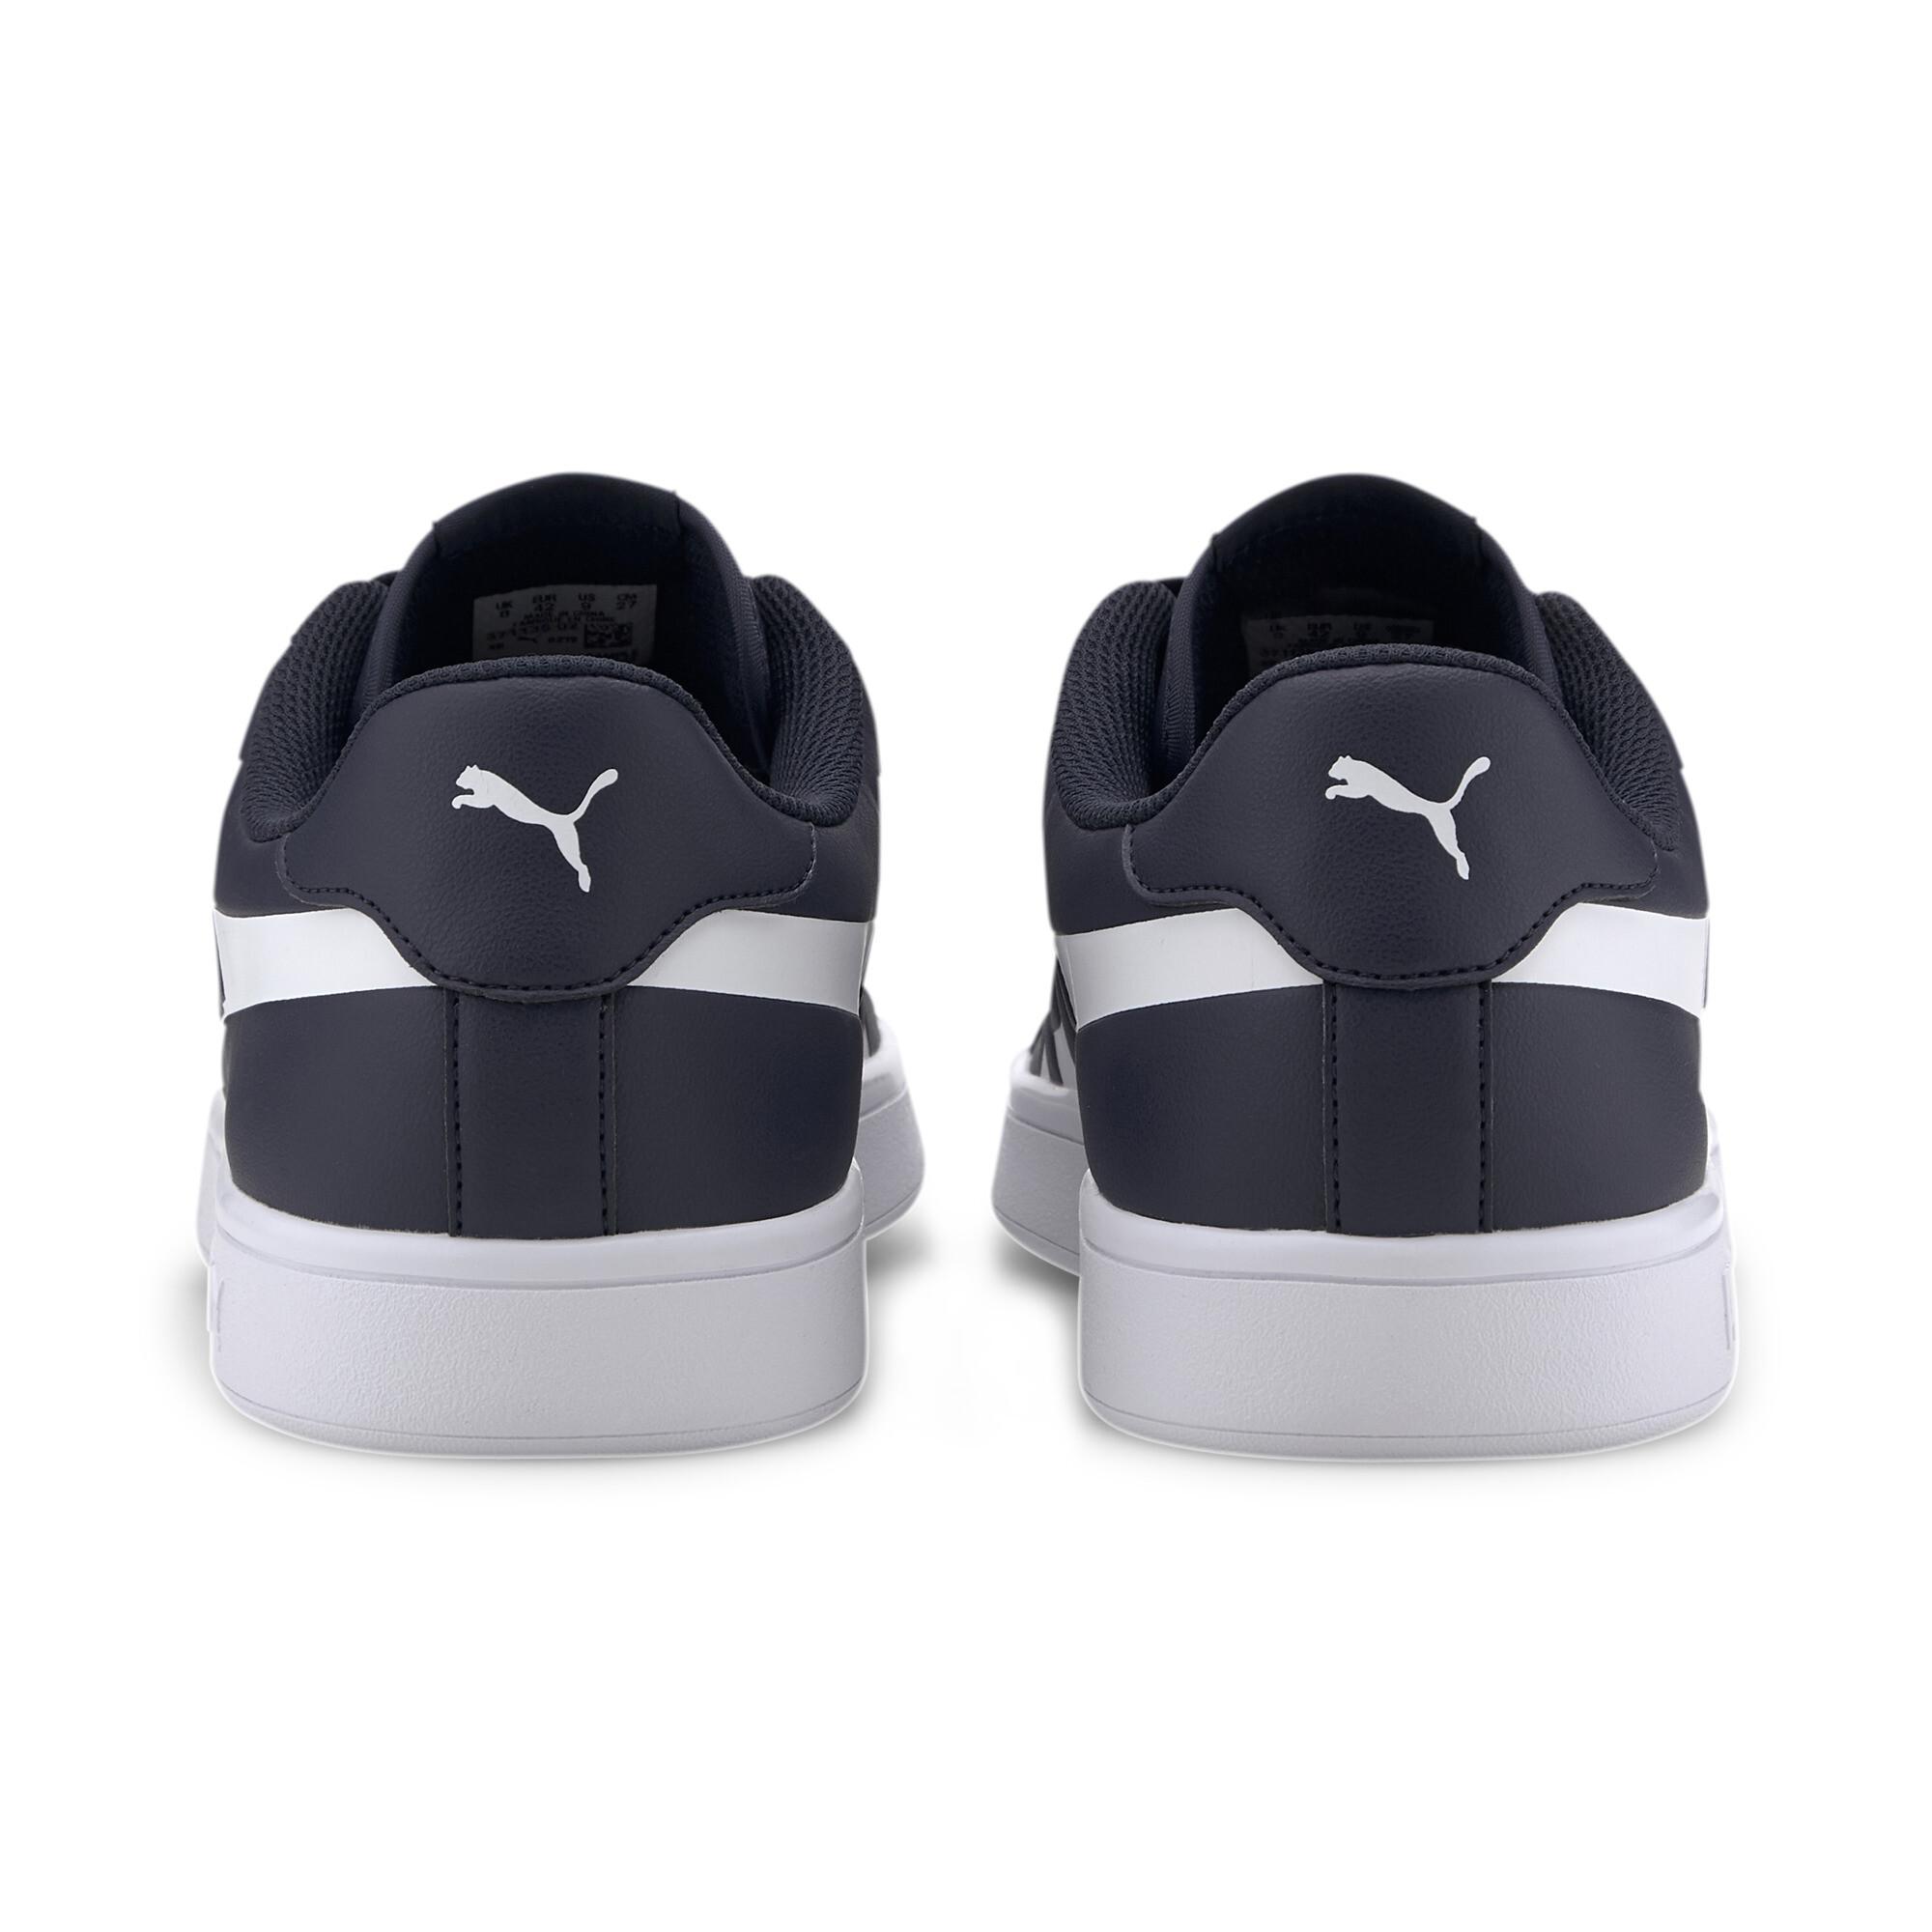 PUMA-PUMA-Smash-v2-Max-Sneakers-Men-Shoe-Basics thumbnail 8